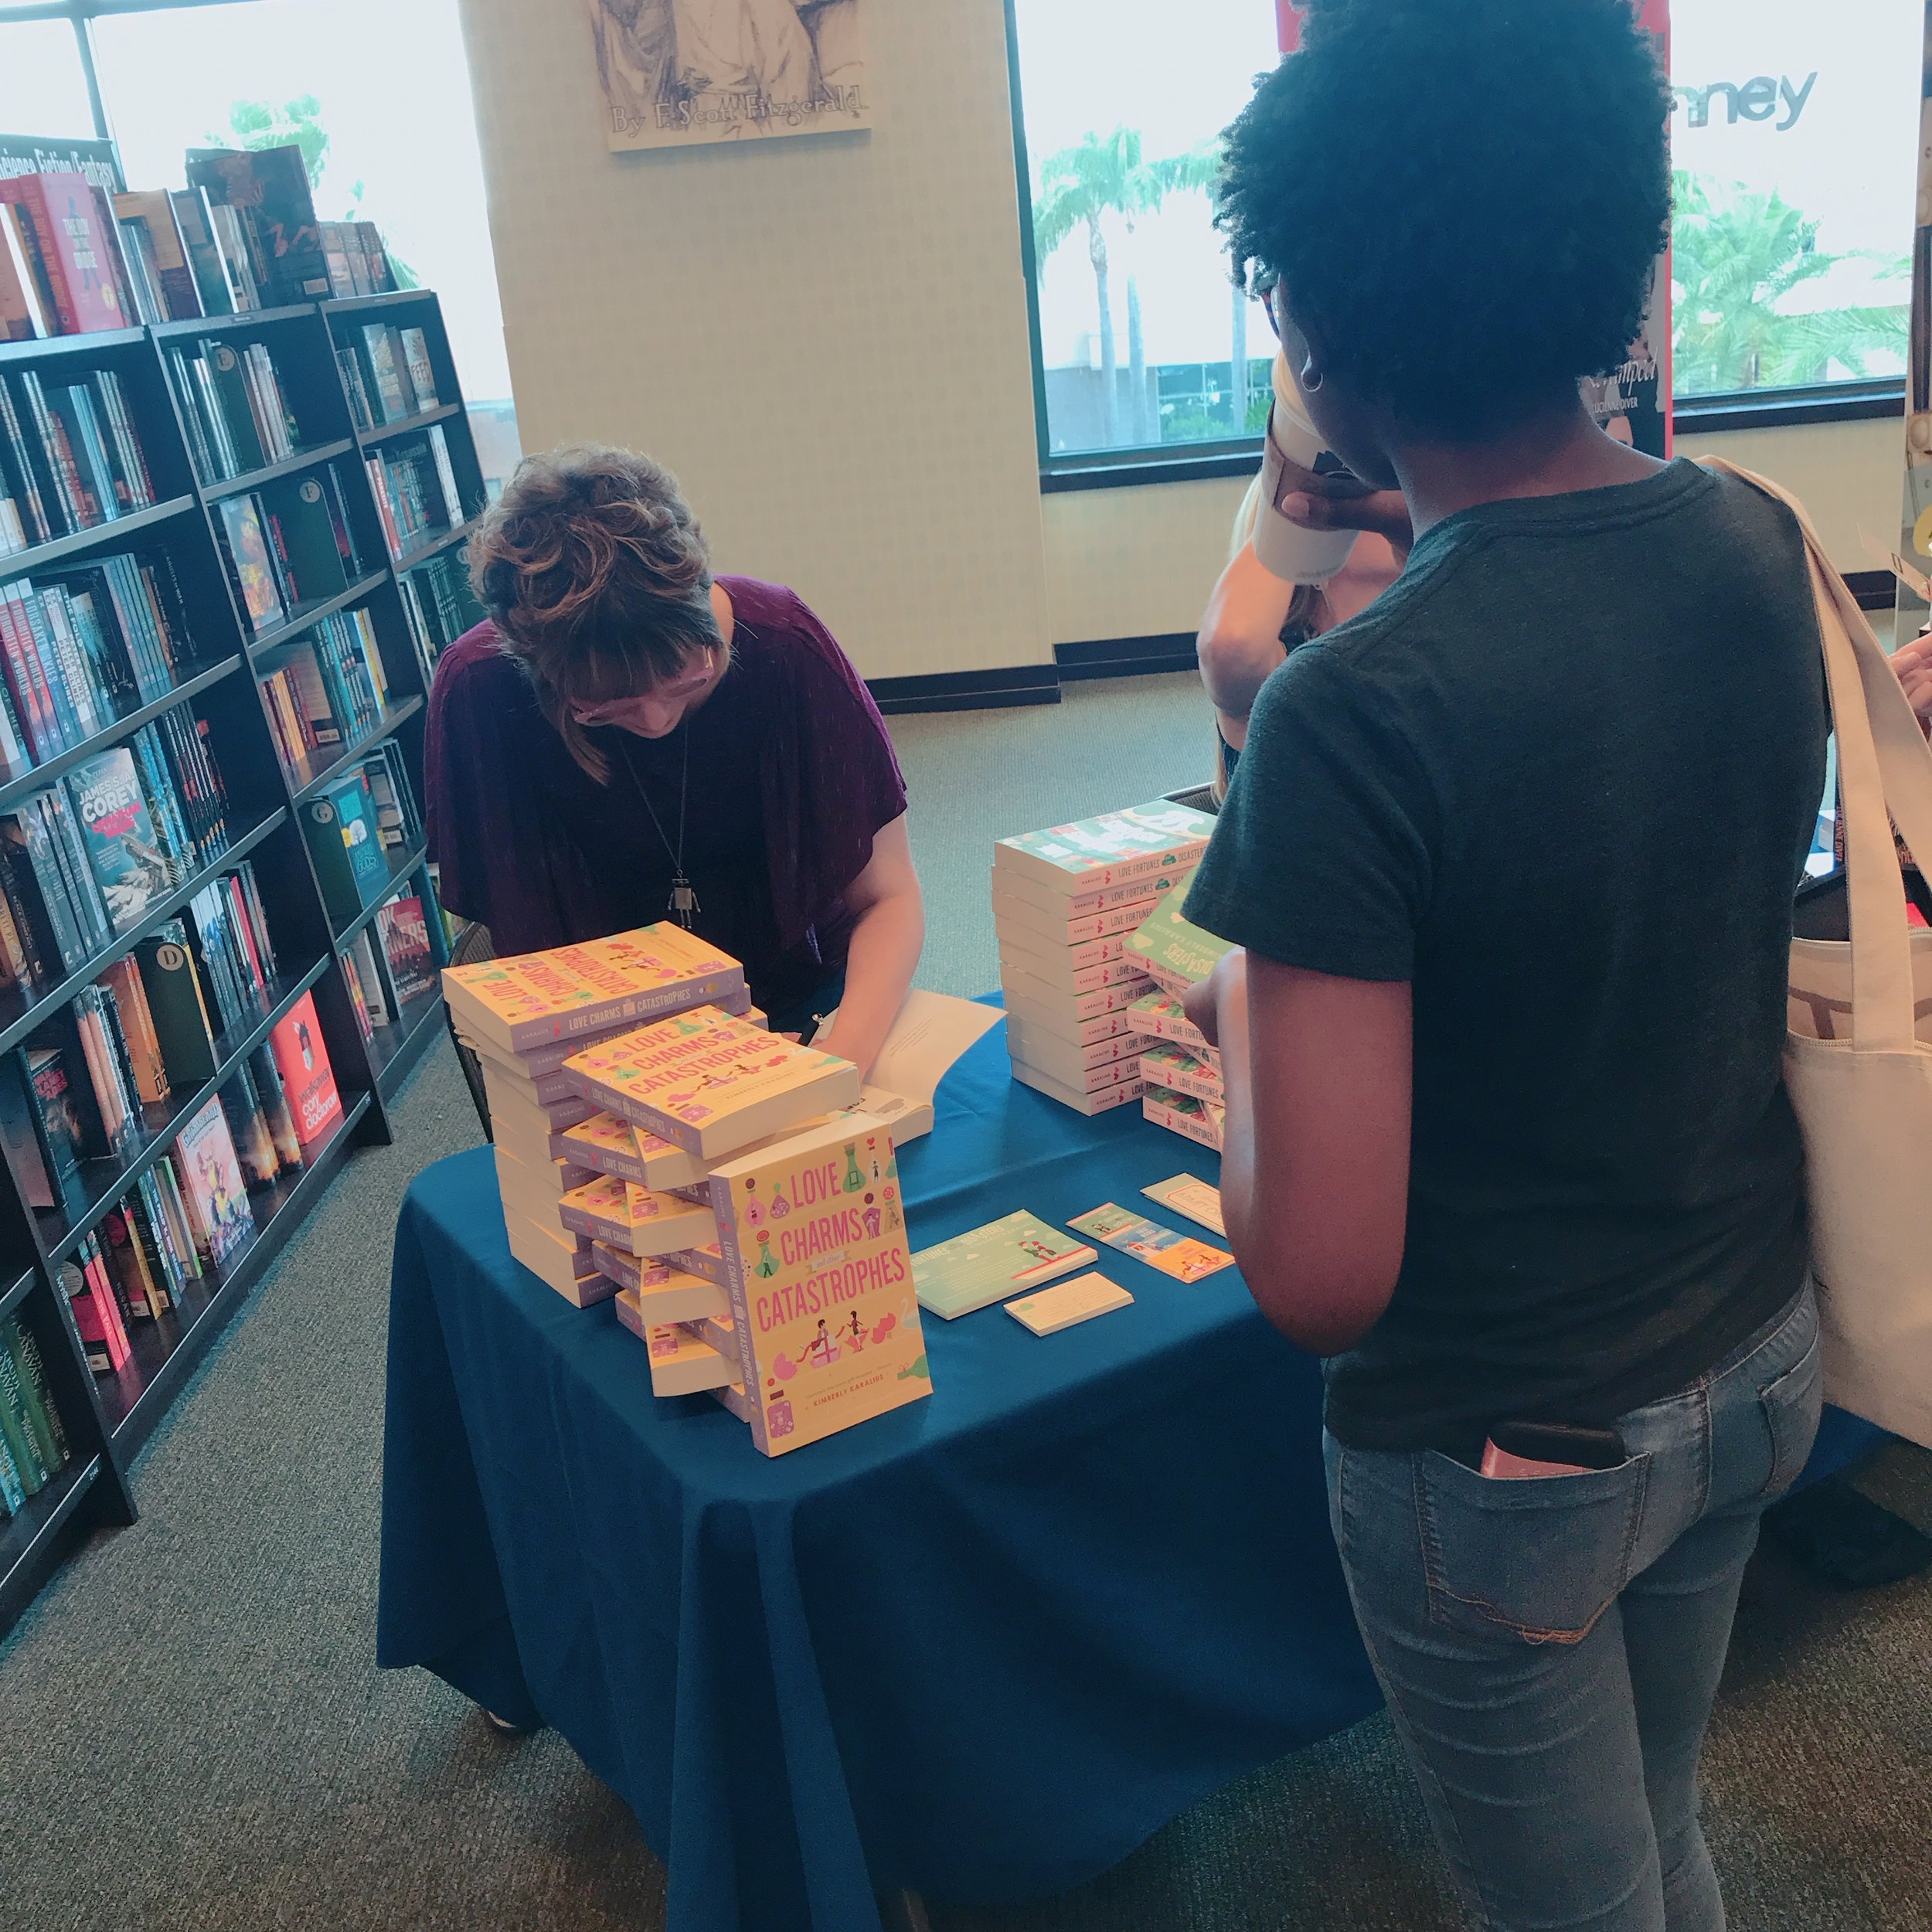 Wesley Chapel, FL, Barnes & Noble - Sept 23rd, 2017